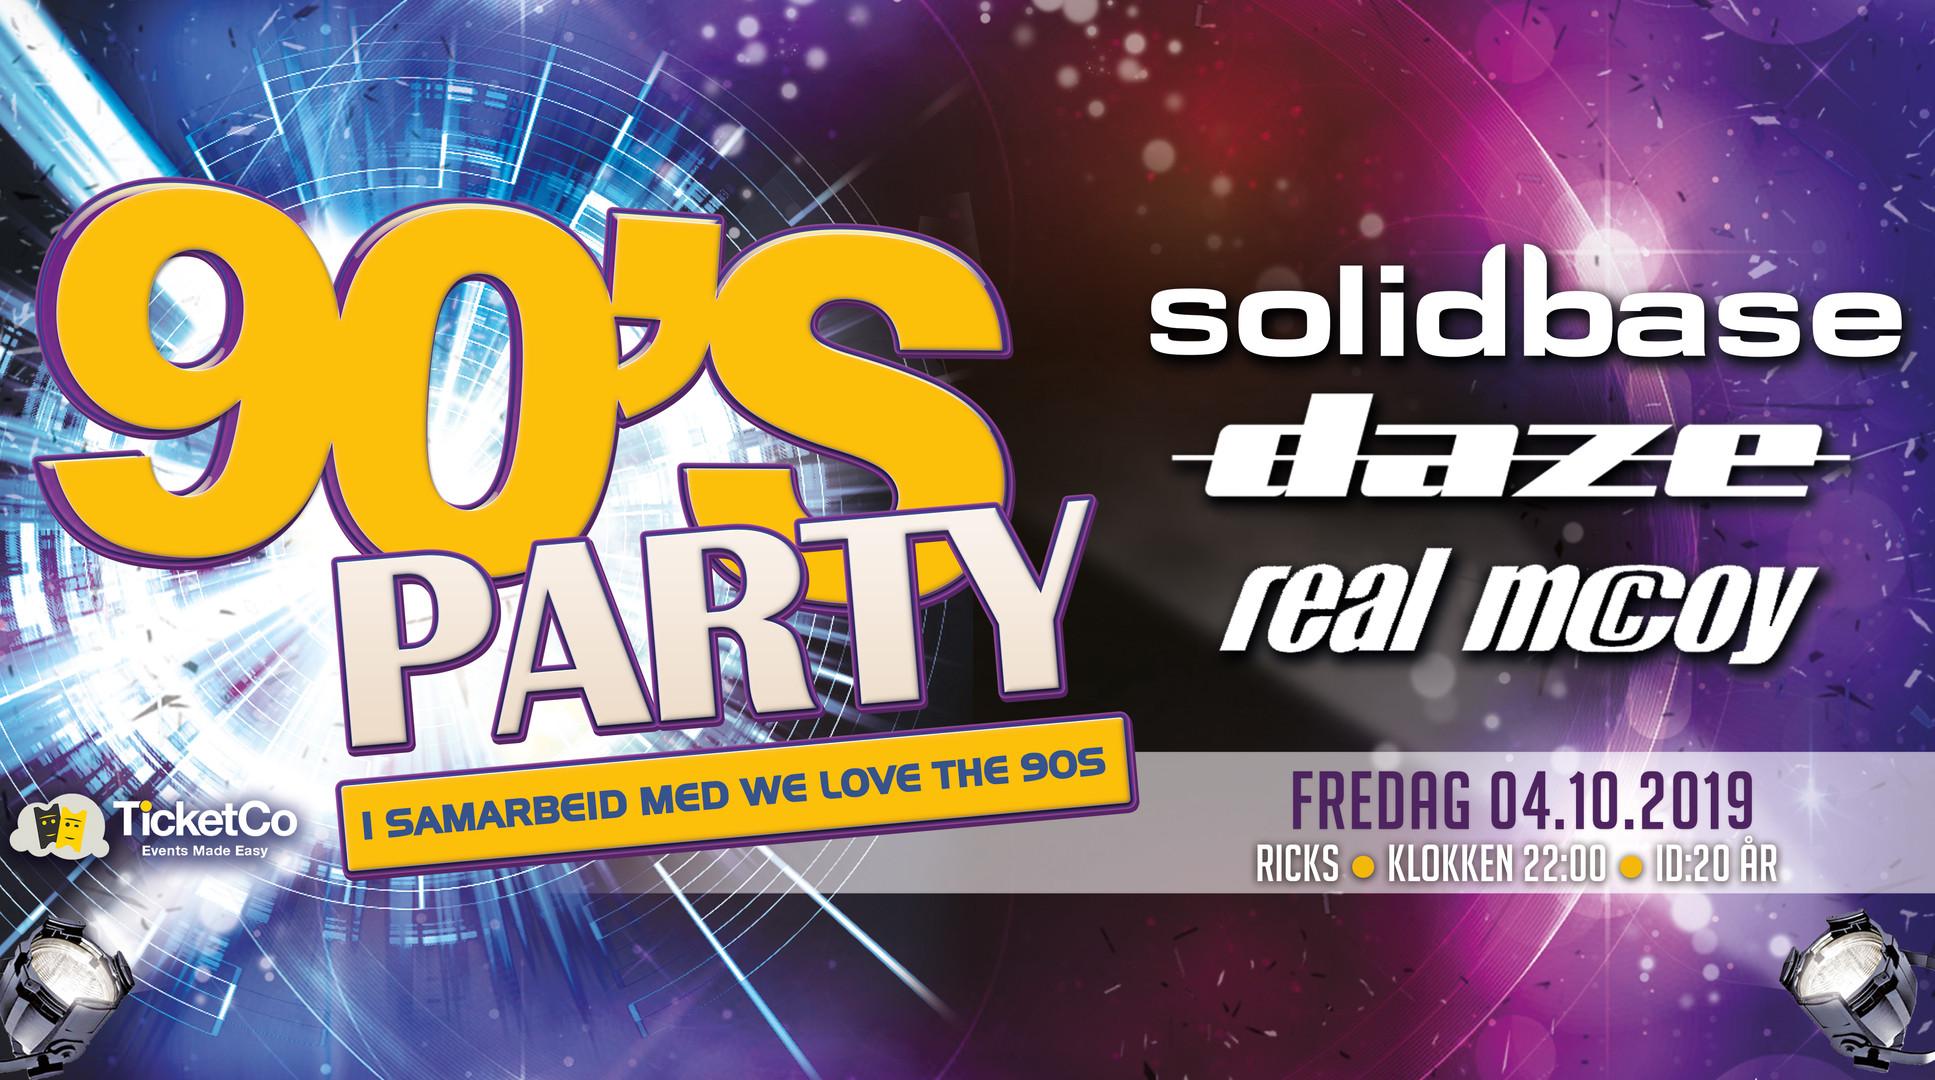 90S_Party_2019_FbBanner_Bergen.jpg